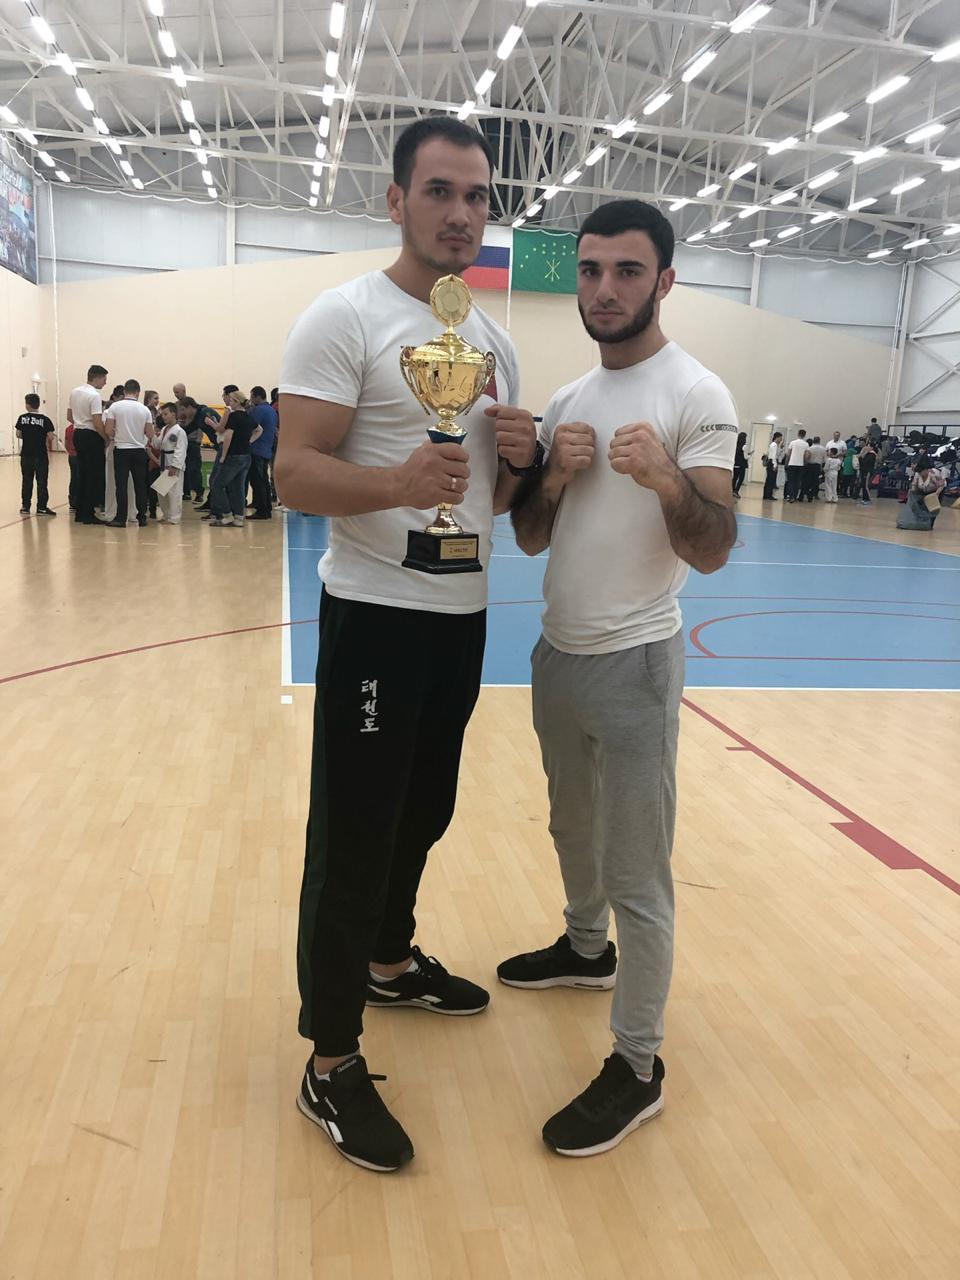 Абинские тхэквондисты завоевали более 20 золотых медалей в открытом первенстве Республики Адыгея